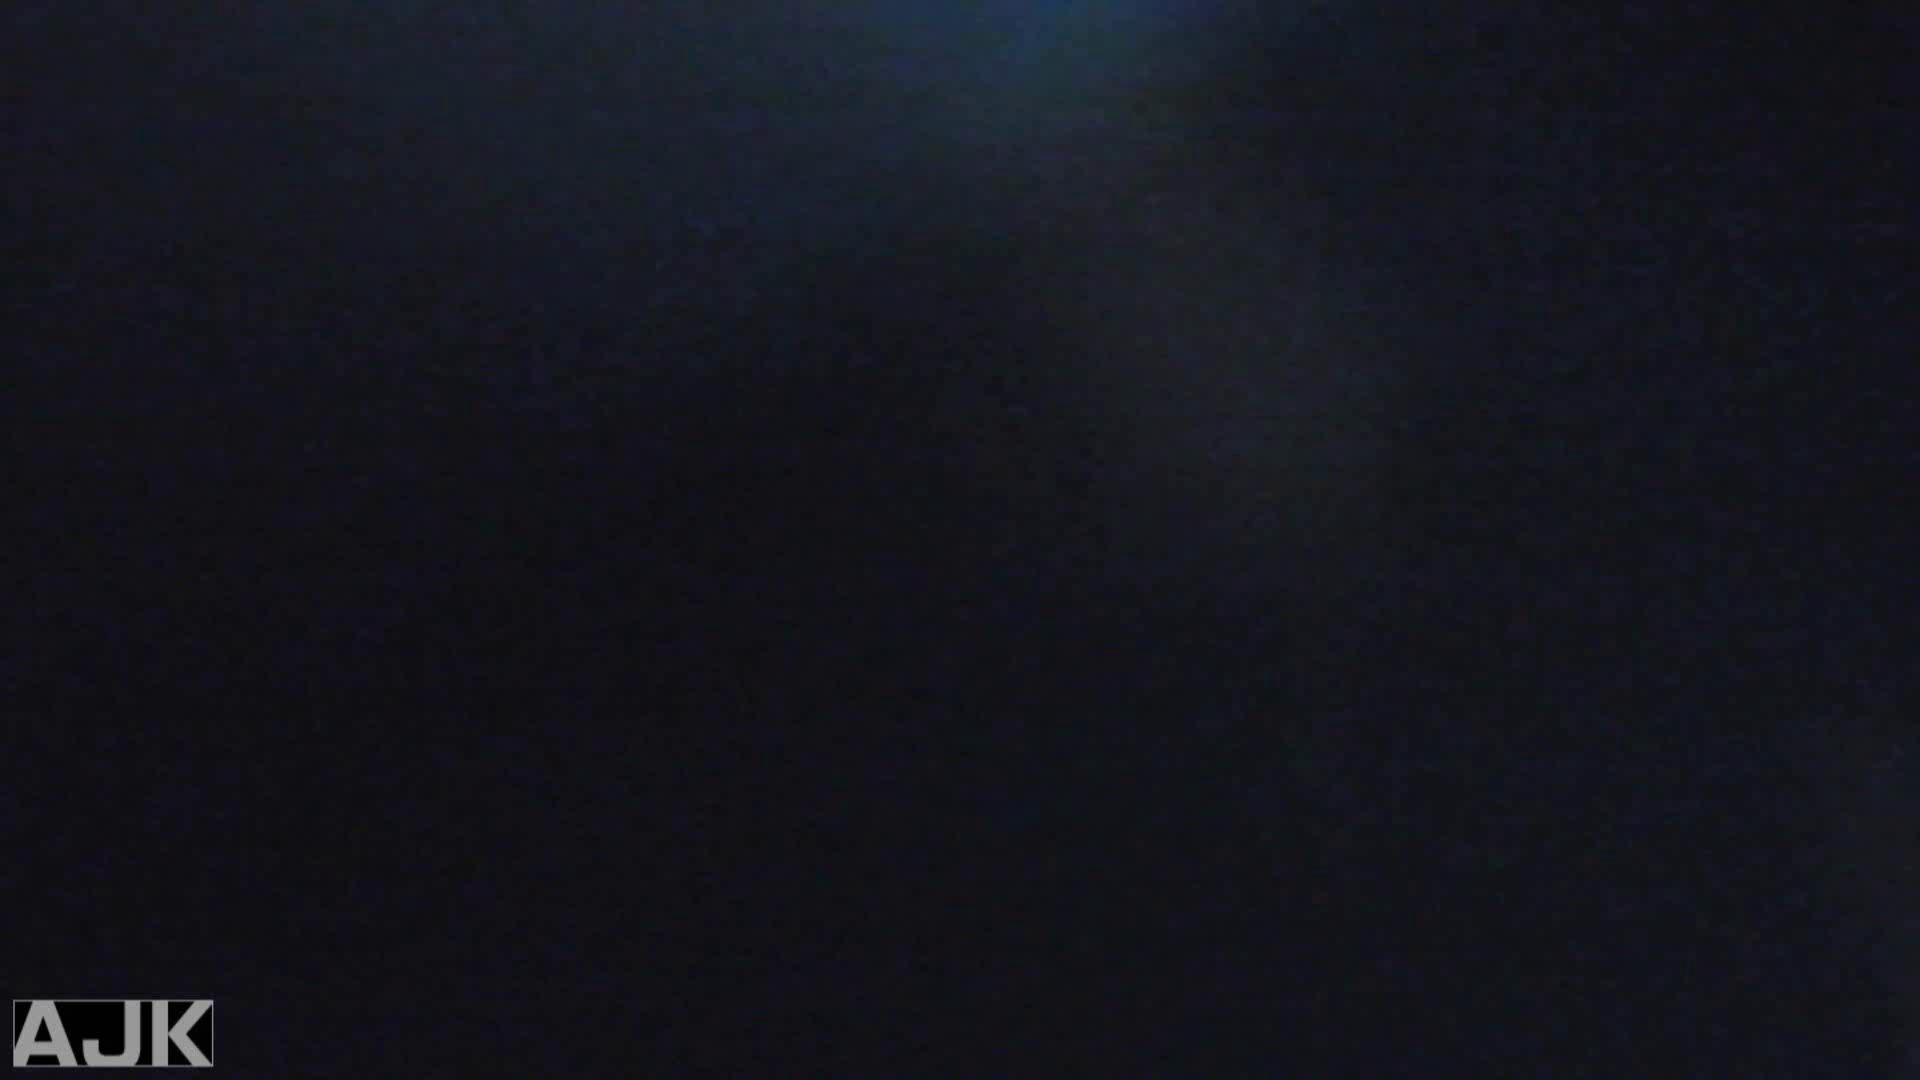 神降臨!史上最強の潜入かわや! vol.22 女体盗撮   肛門流出  98連発 43